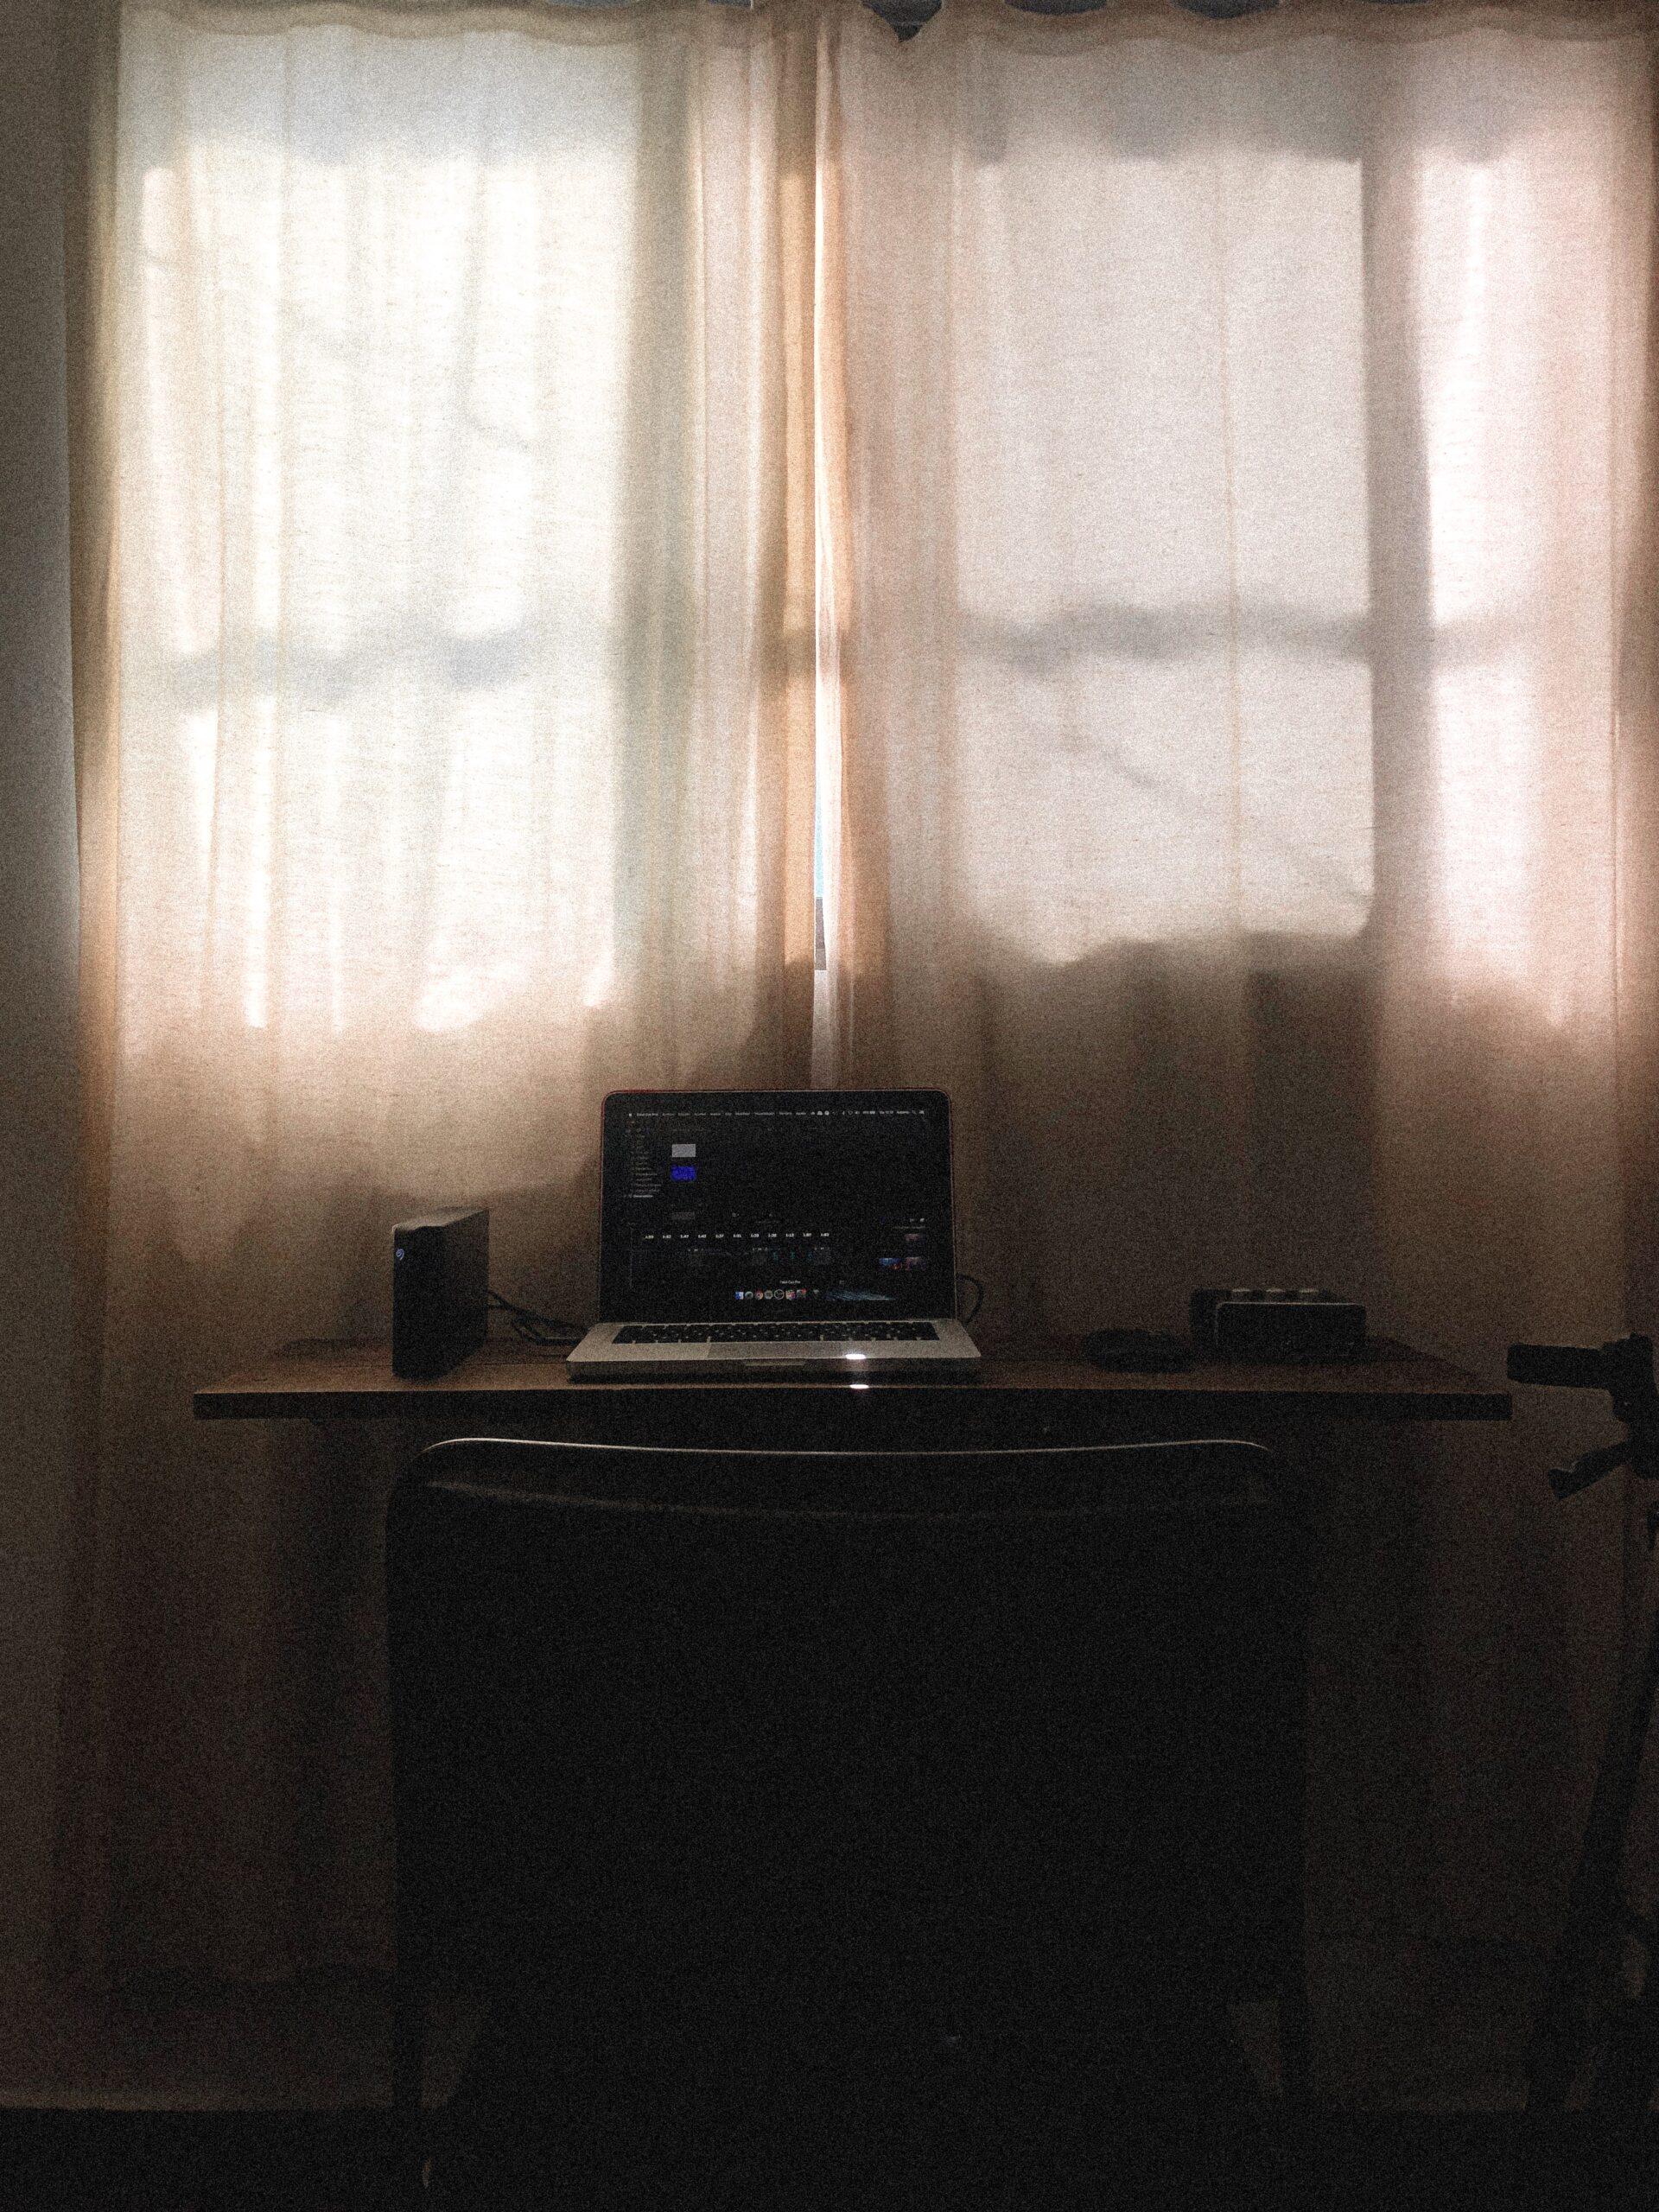 Bild på laptop framför gardiner i motljus.